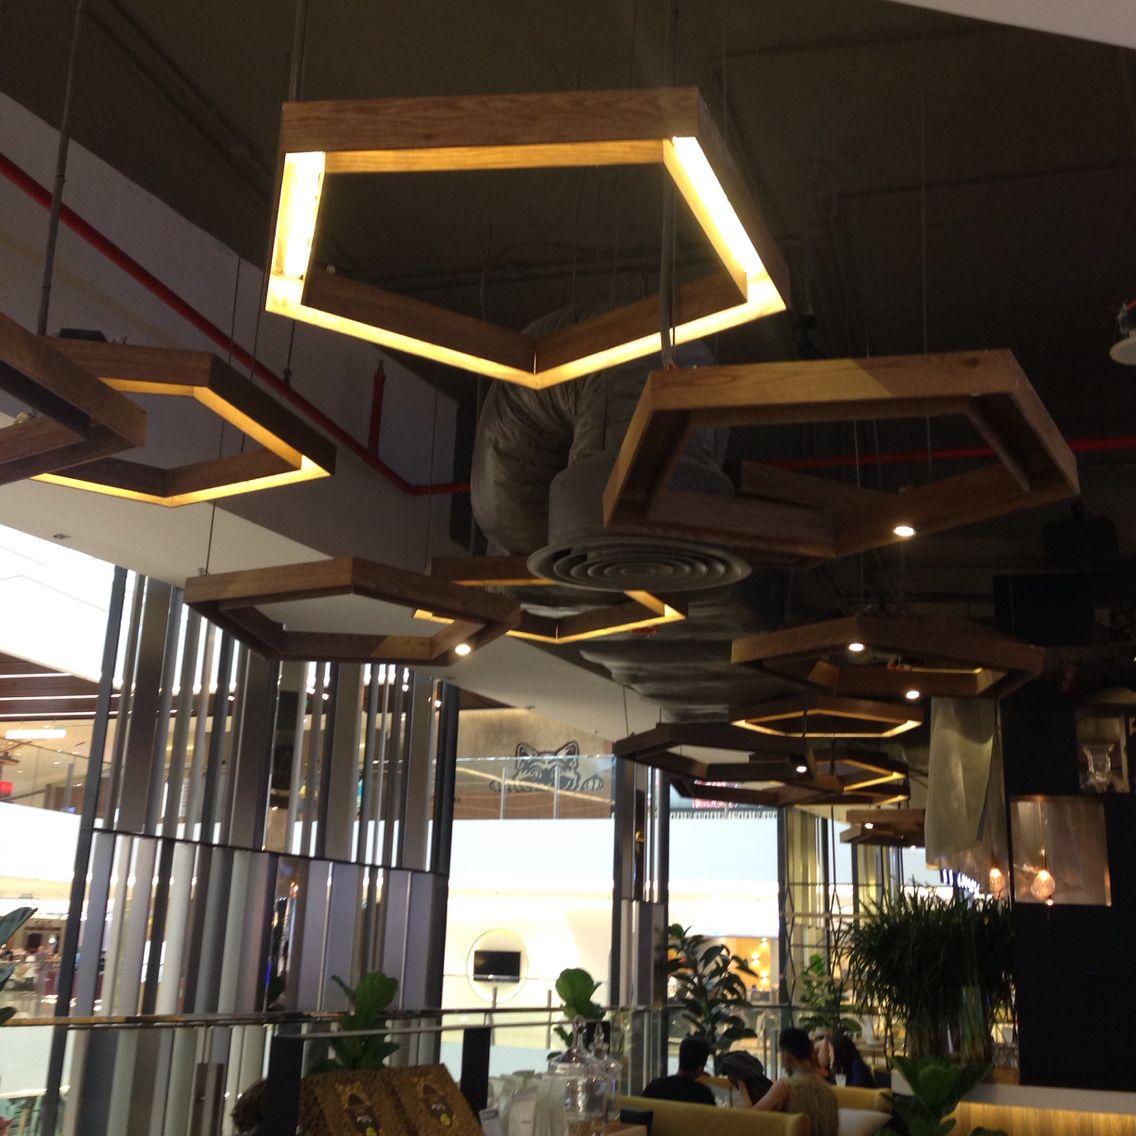 37 Street Restaurant In Saigon Center Vietnam Ceiling Design